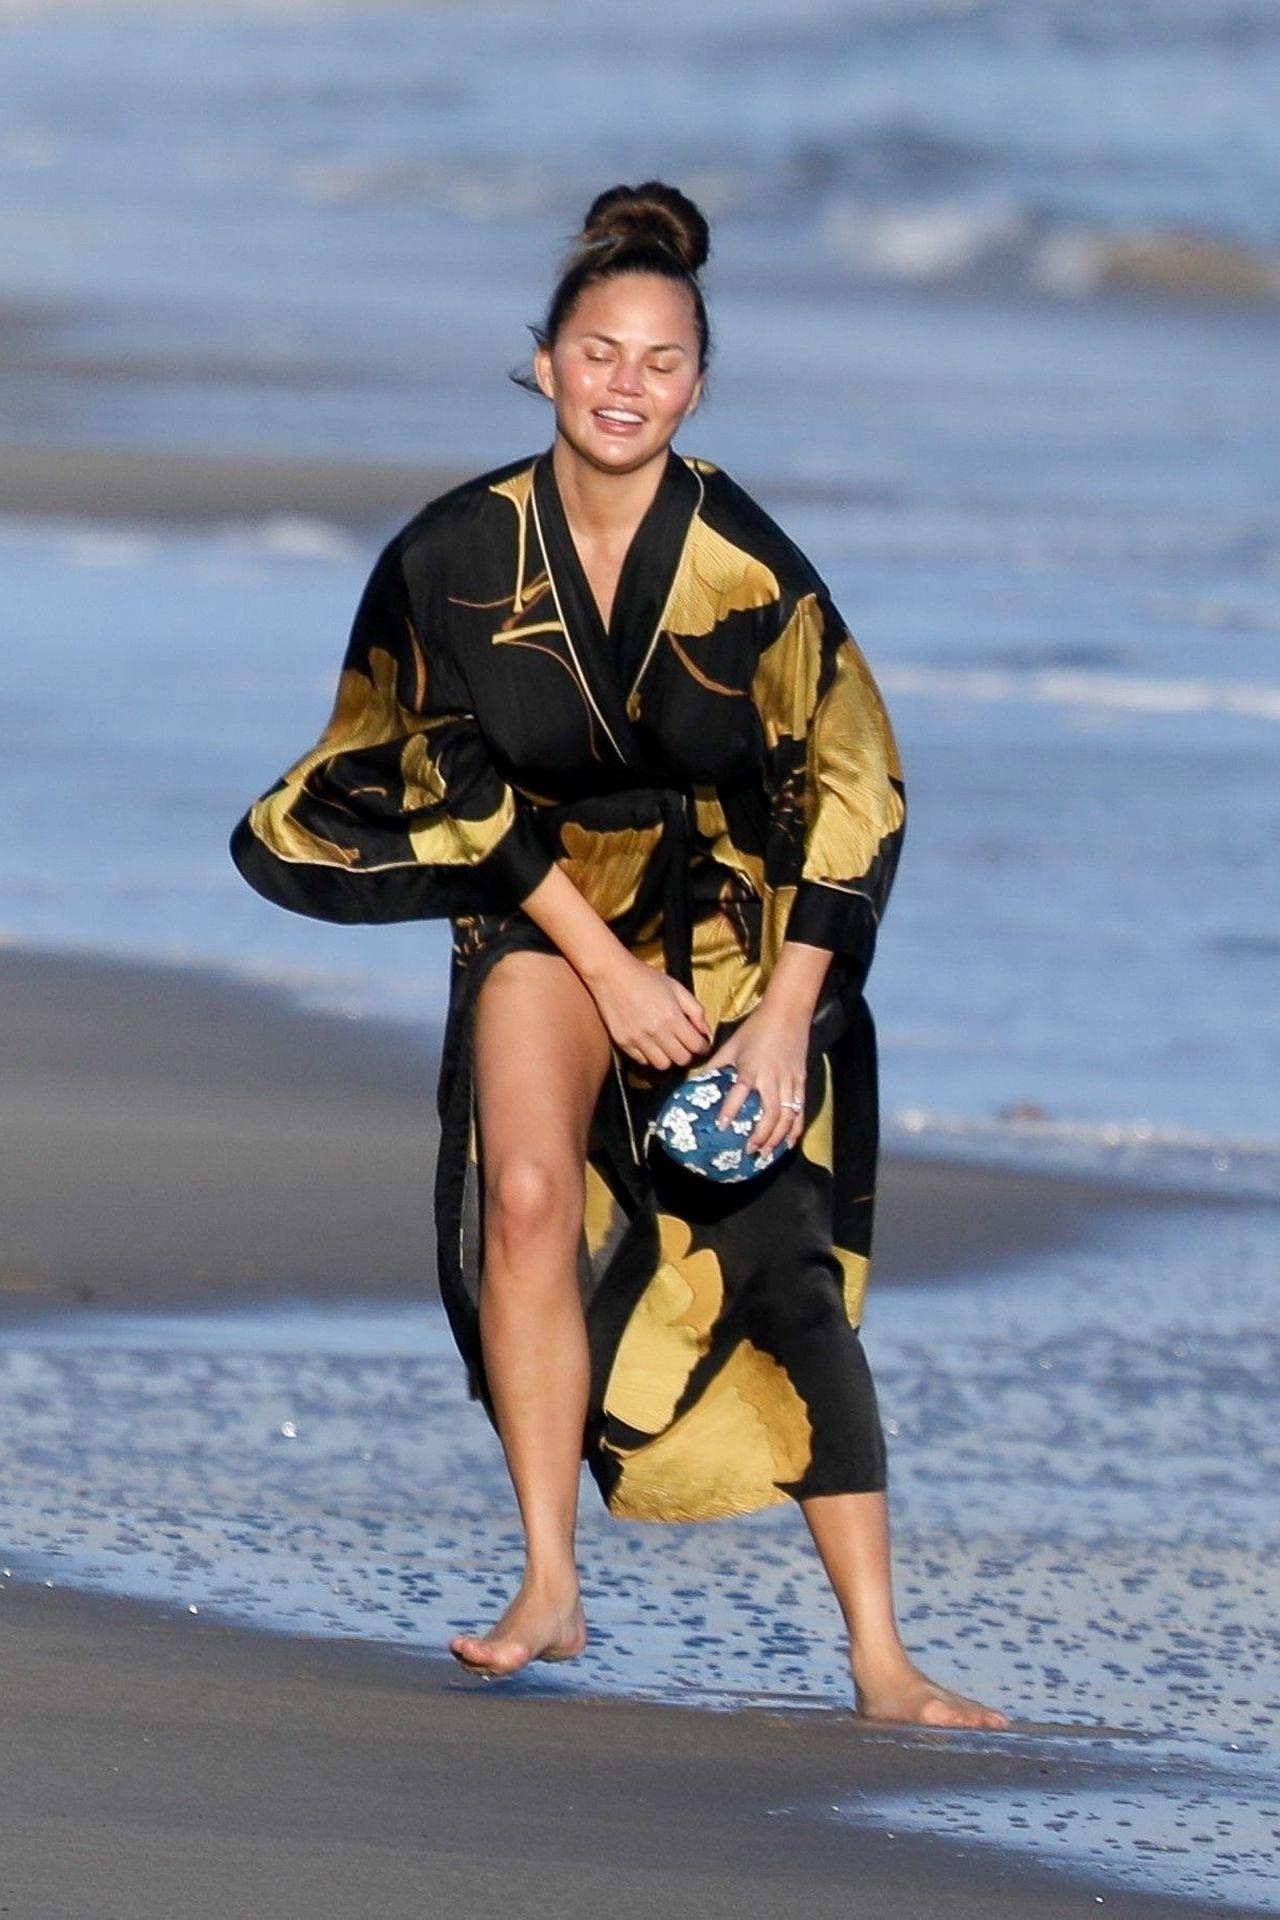 Chrissy Teigen Enjoys A Beach Day In Malibu Amid All Coronavirus Chaos 0044